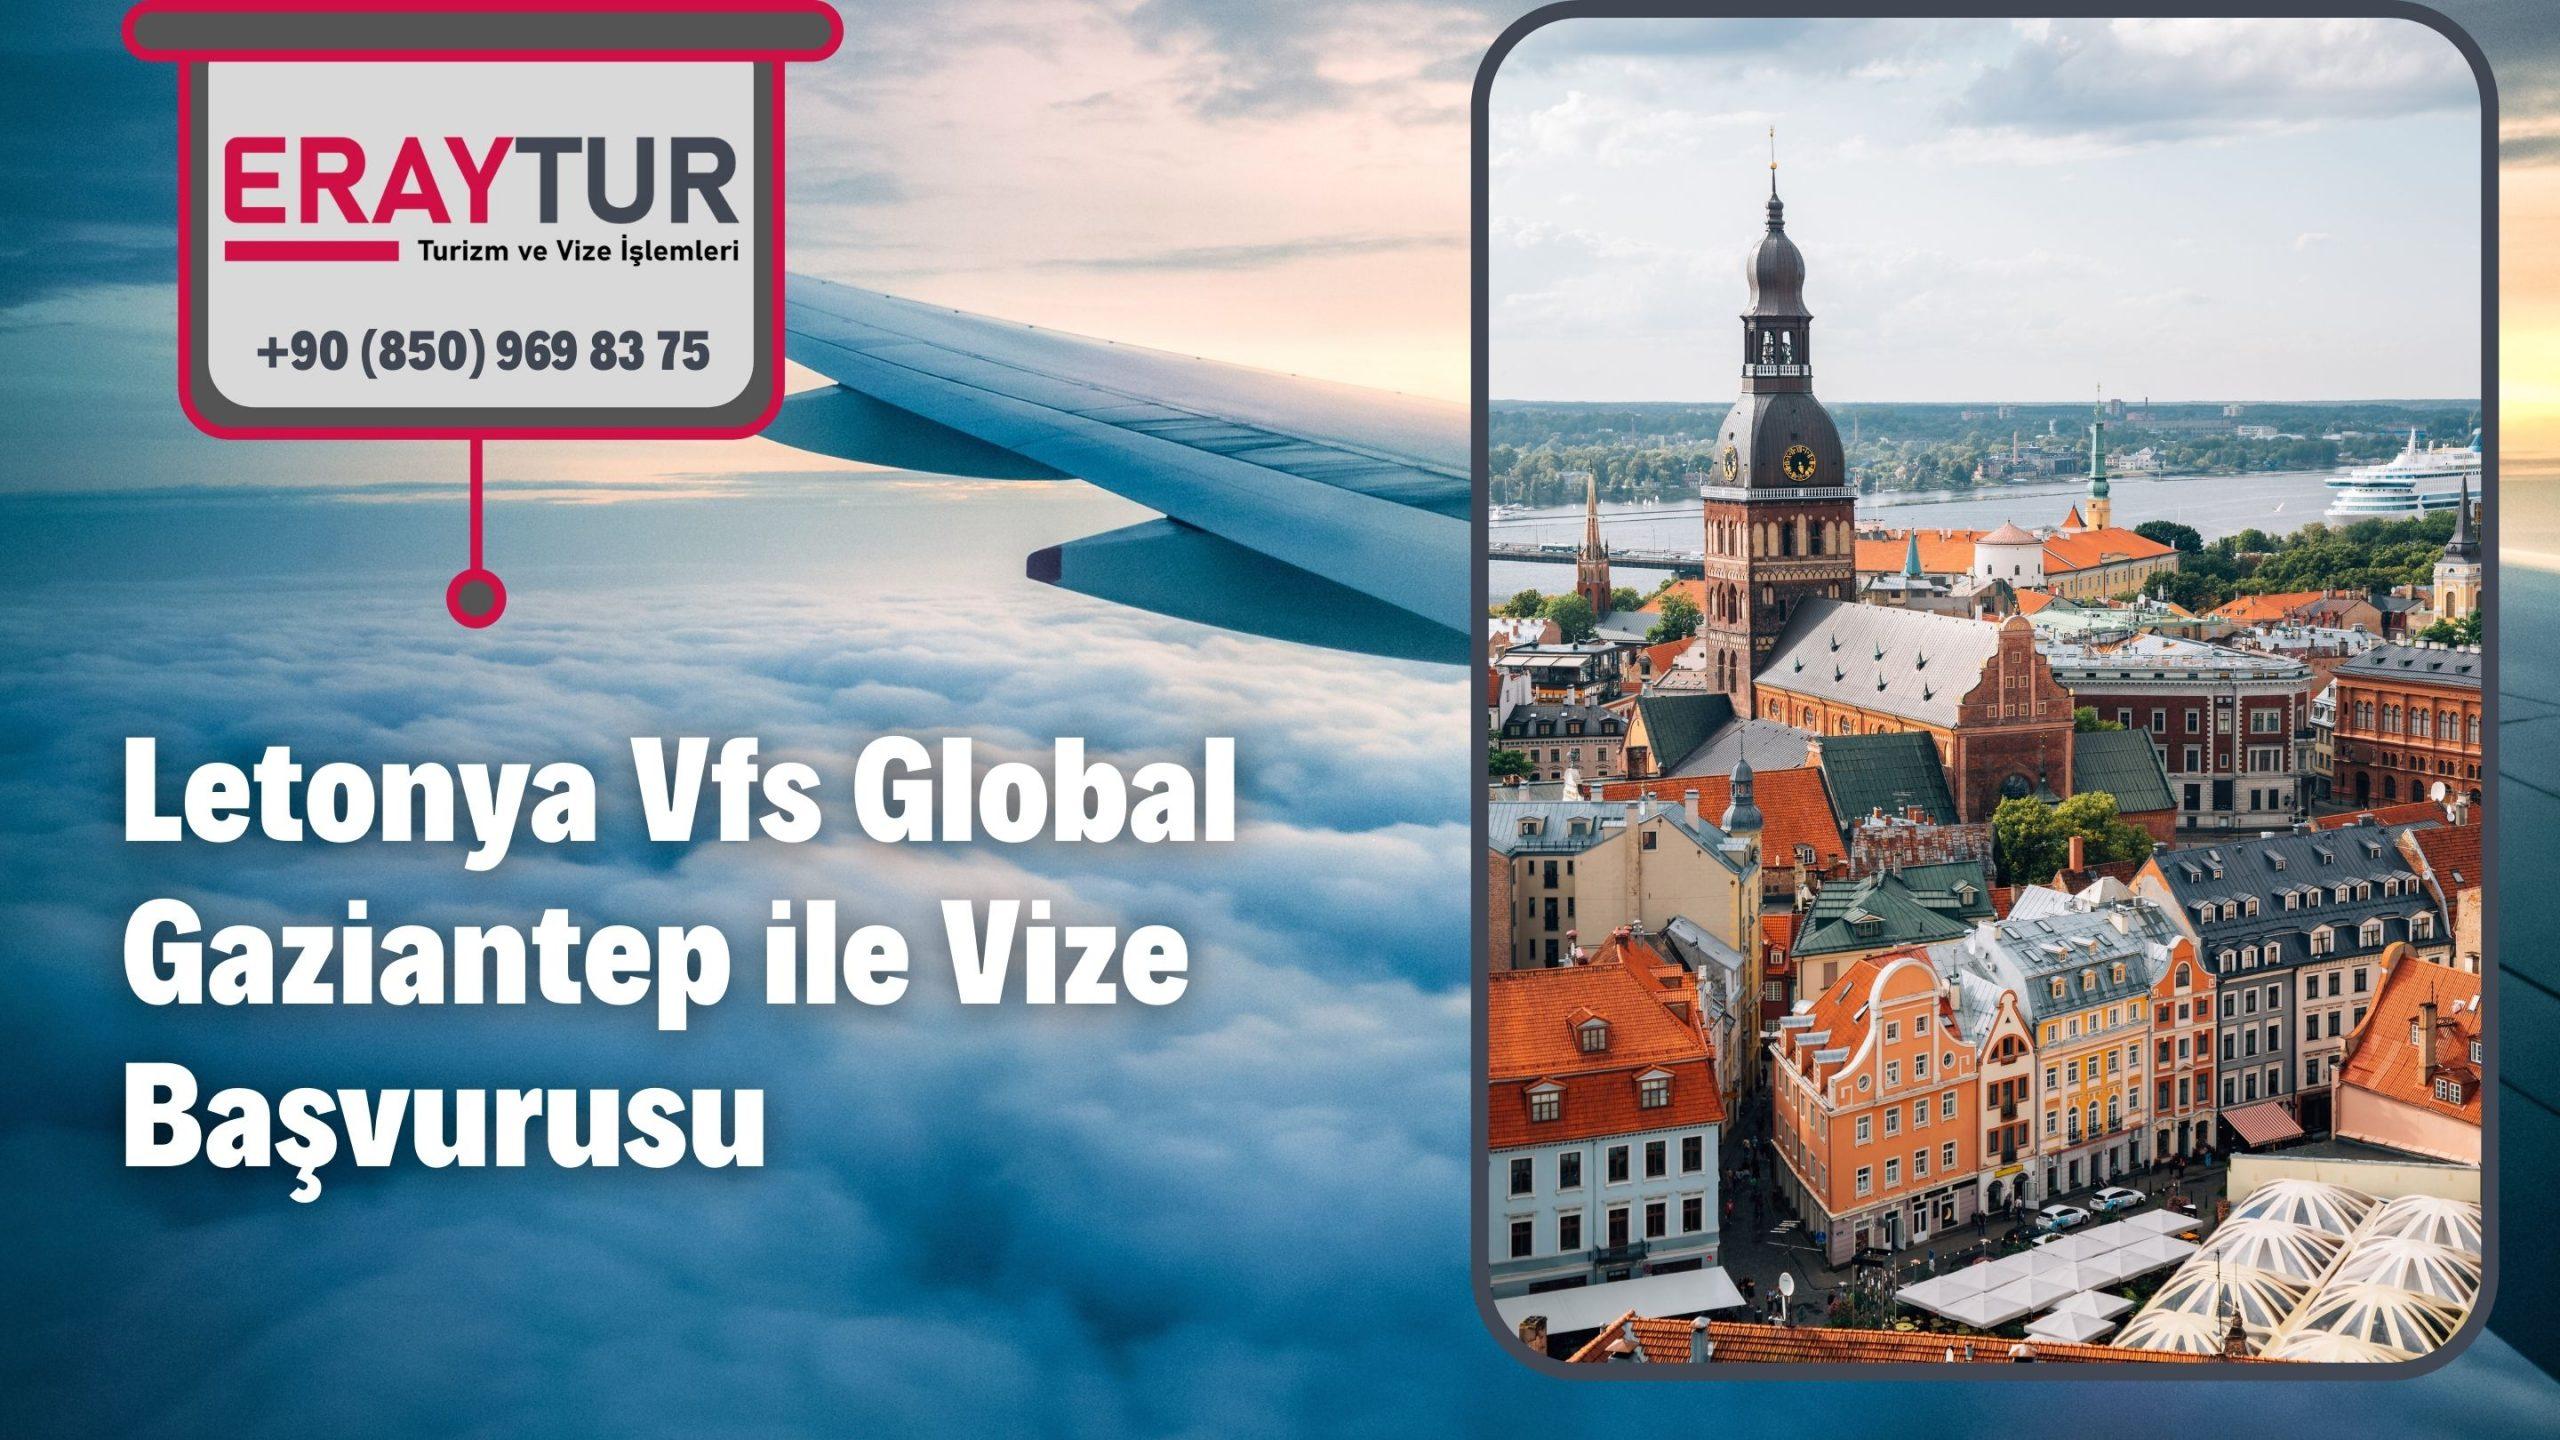 Letonya Vfs Global Gaziantep ile Vize Başvurusu